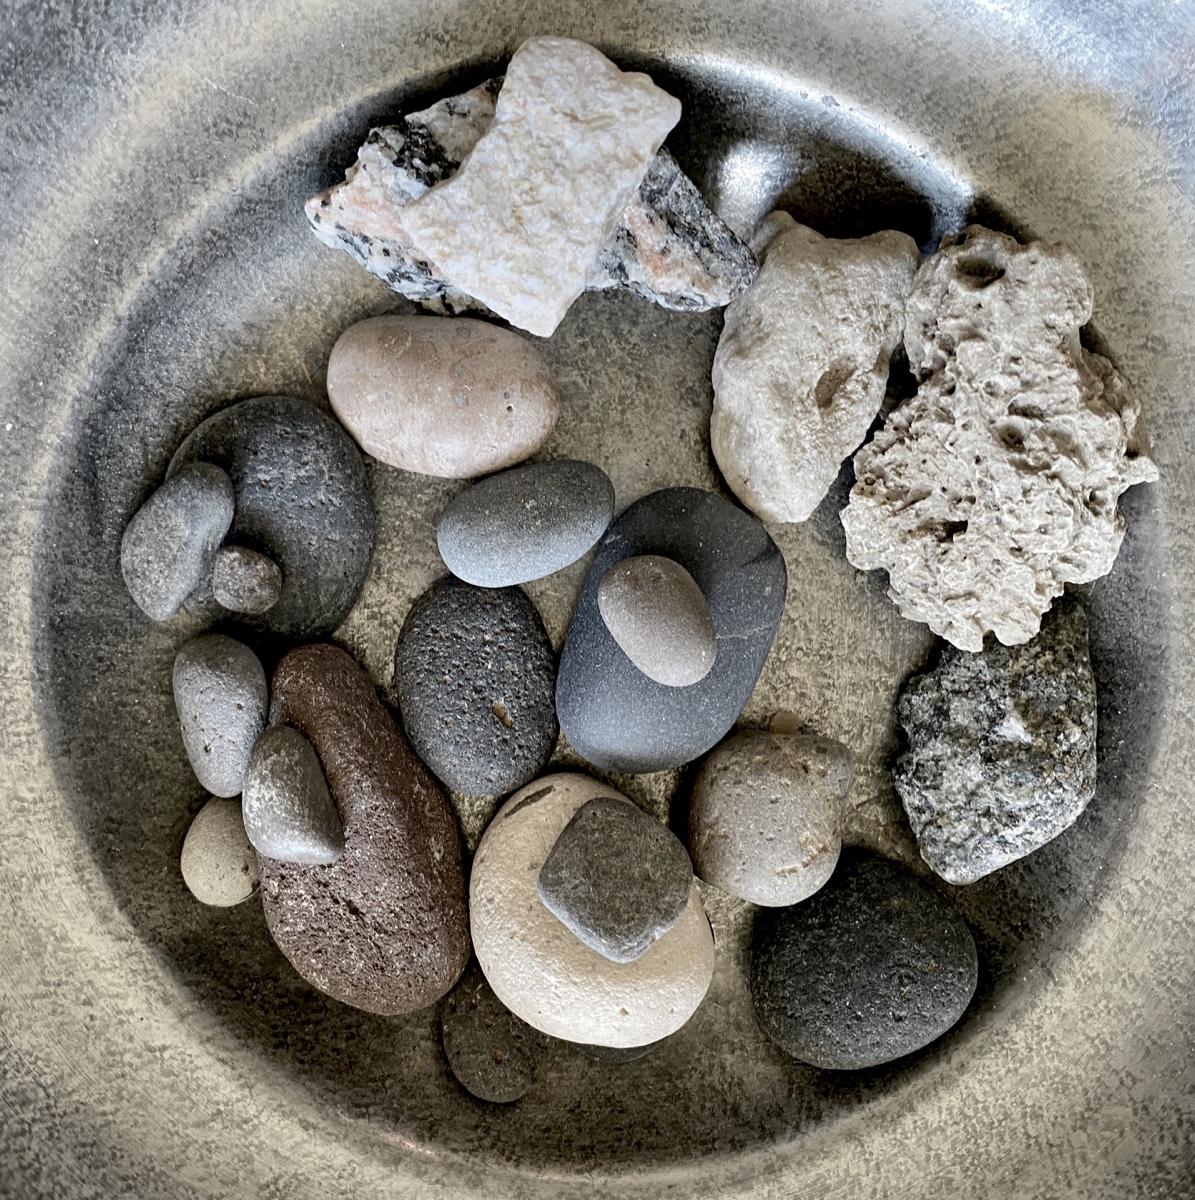 I love stones